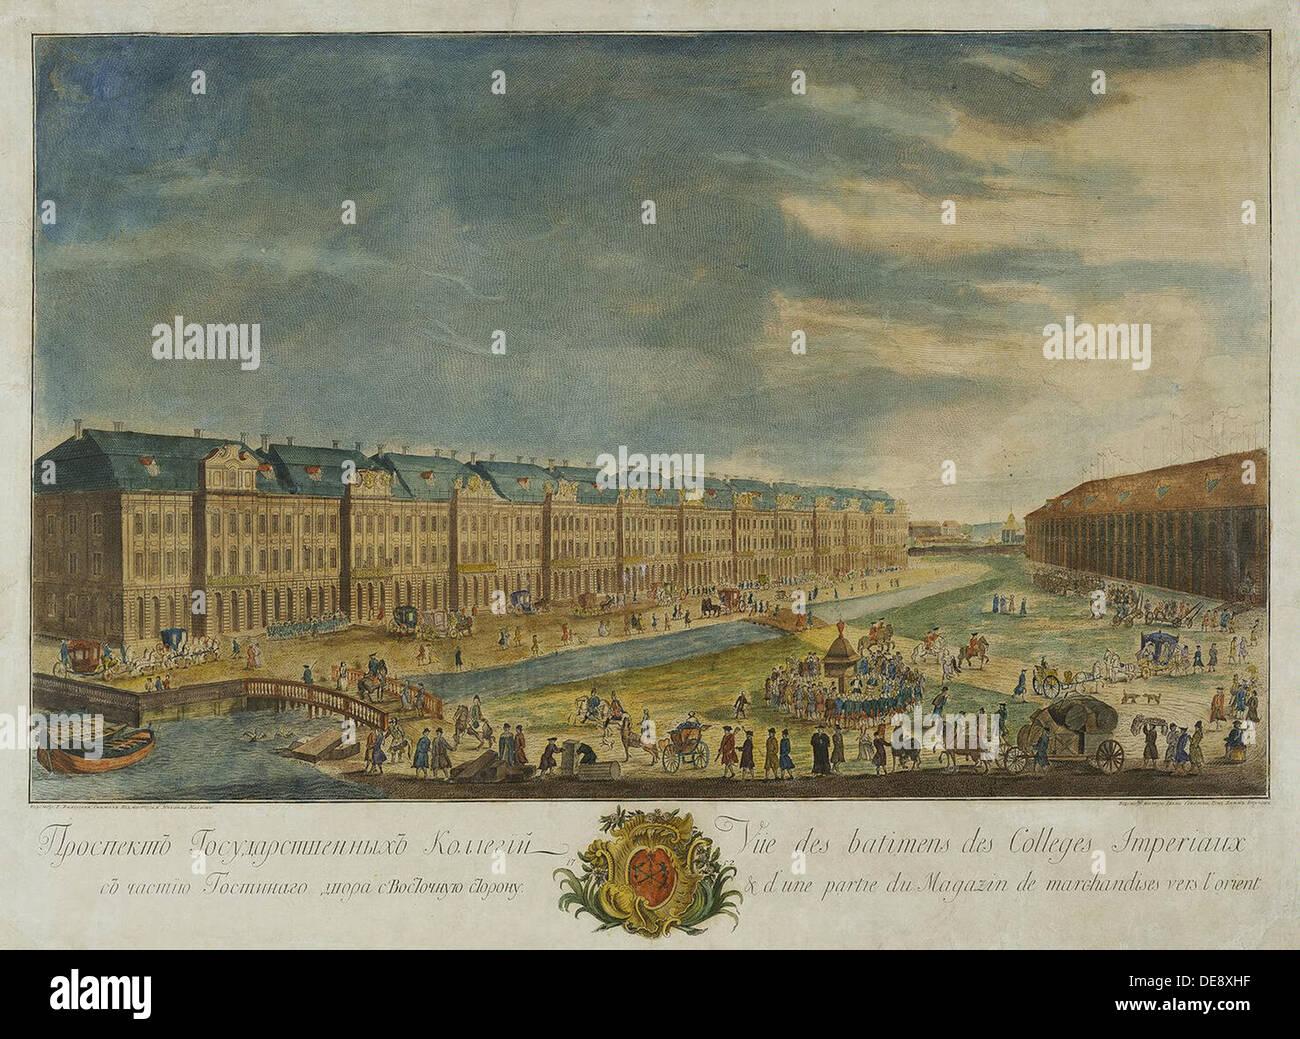 Blick auf die zwölf Collegia Gebäude in Sankt Petersburg, 1753. Künstler: Burjat, Yekim Terentiyevich (1723/25-1762/63) Stockbild